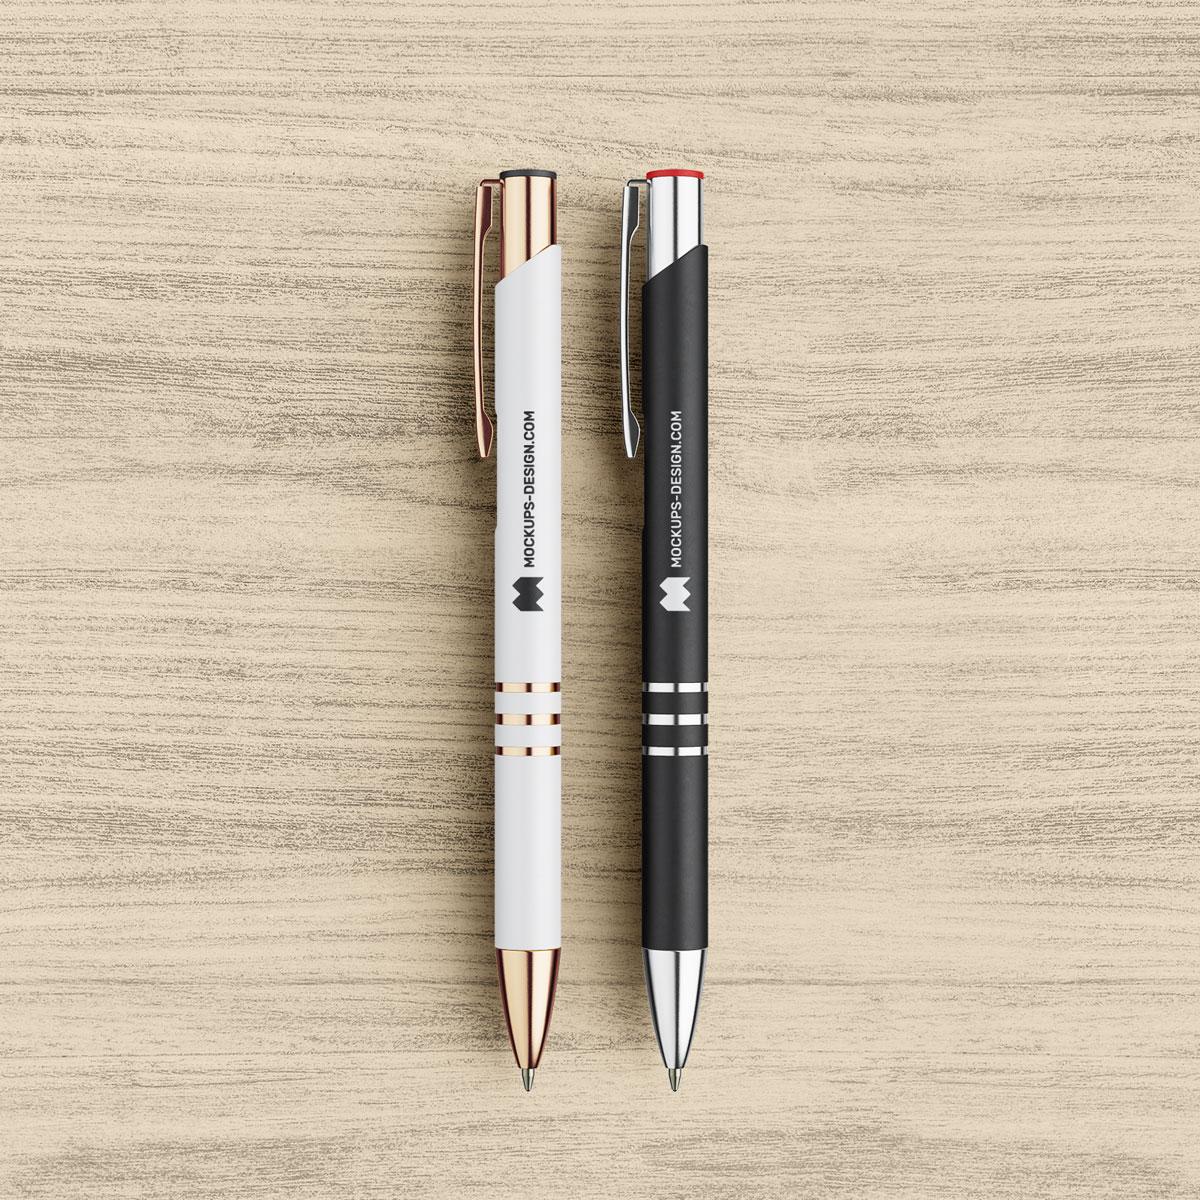 Free-Black-&-White-Pen-Mockup-PSD